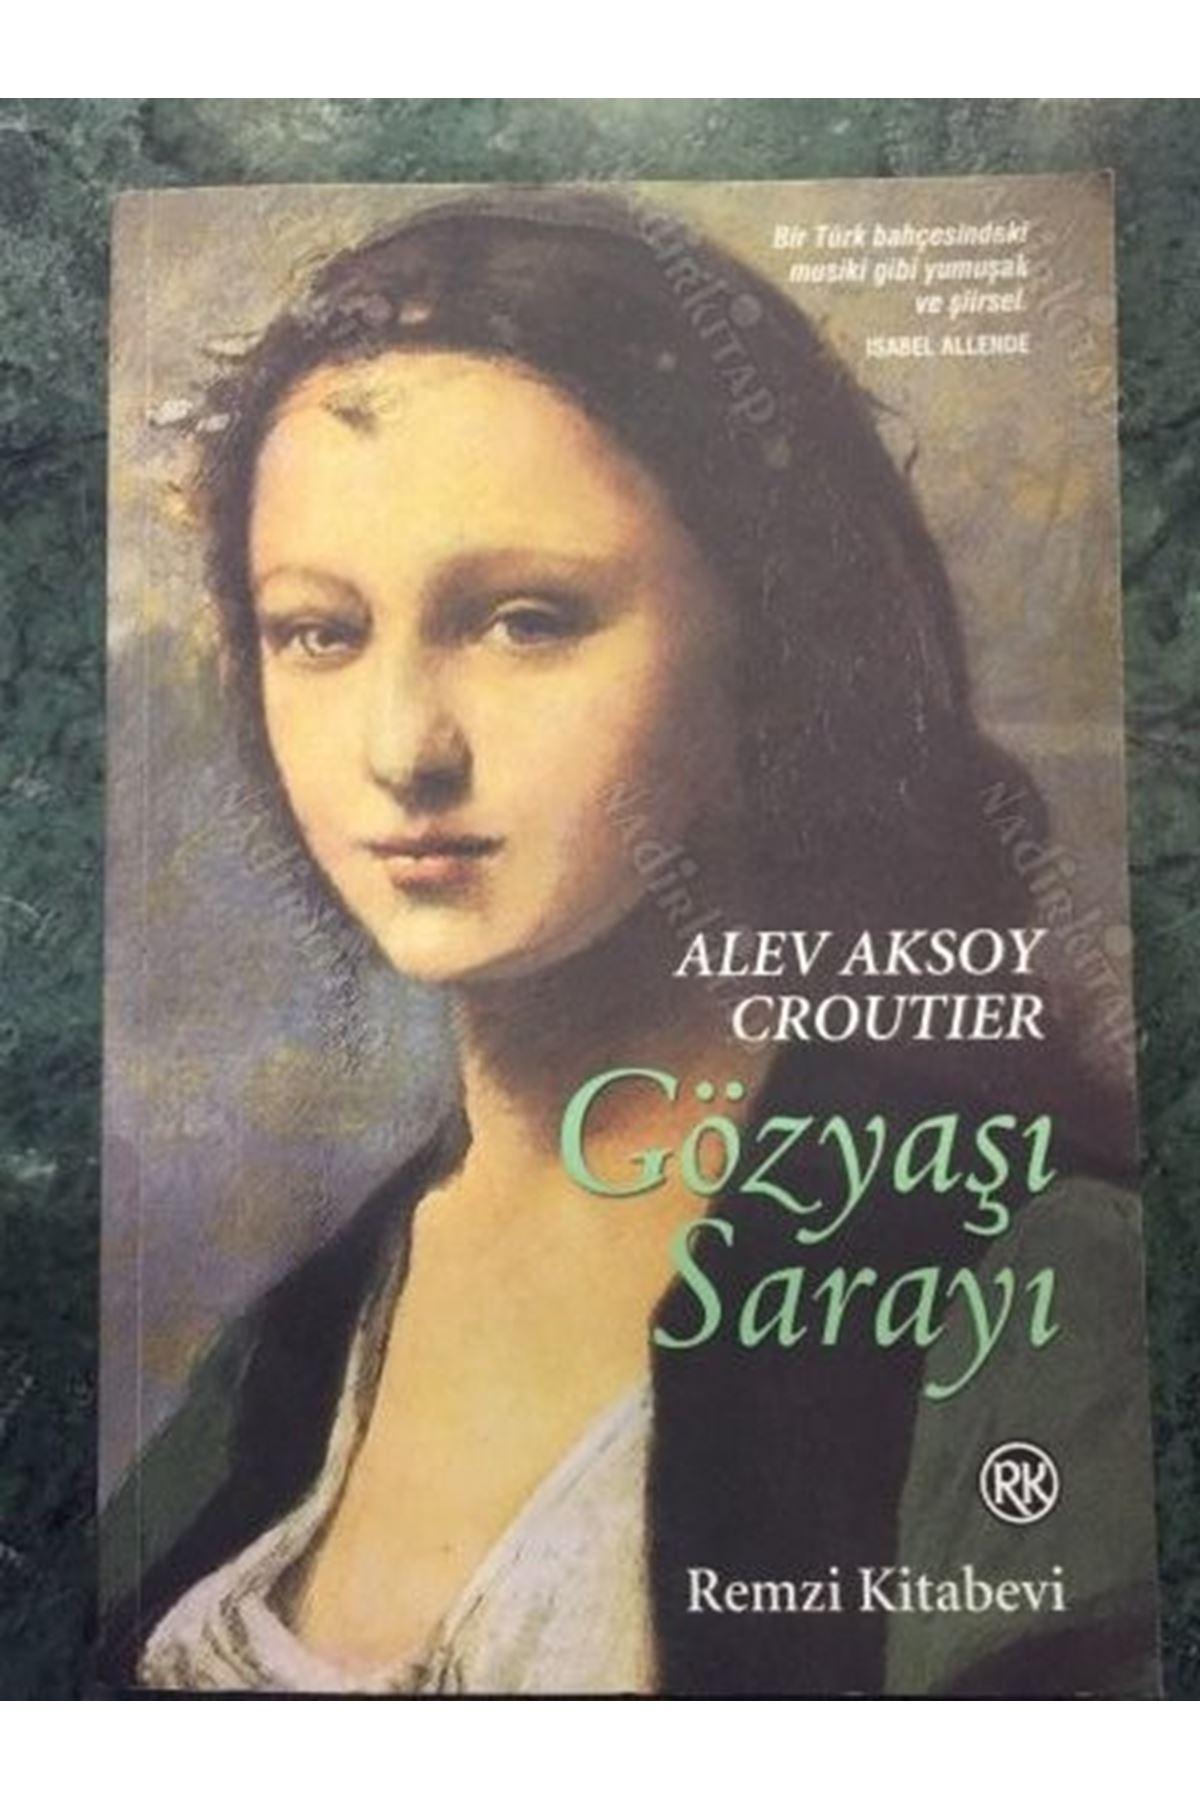 ALEV AKSOY CROUTIER - GÖZYAŞI SARAYI